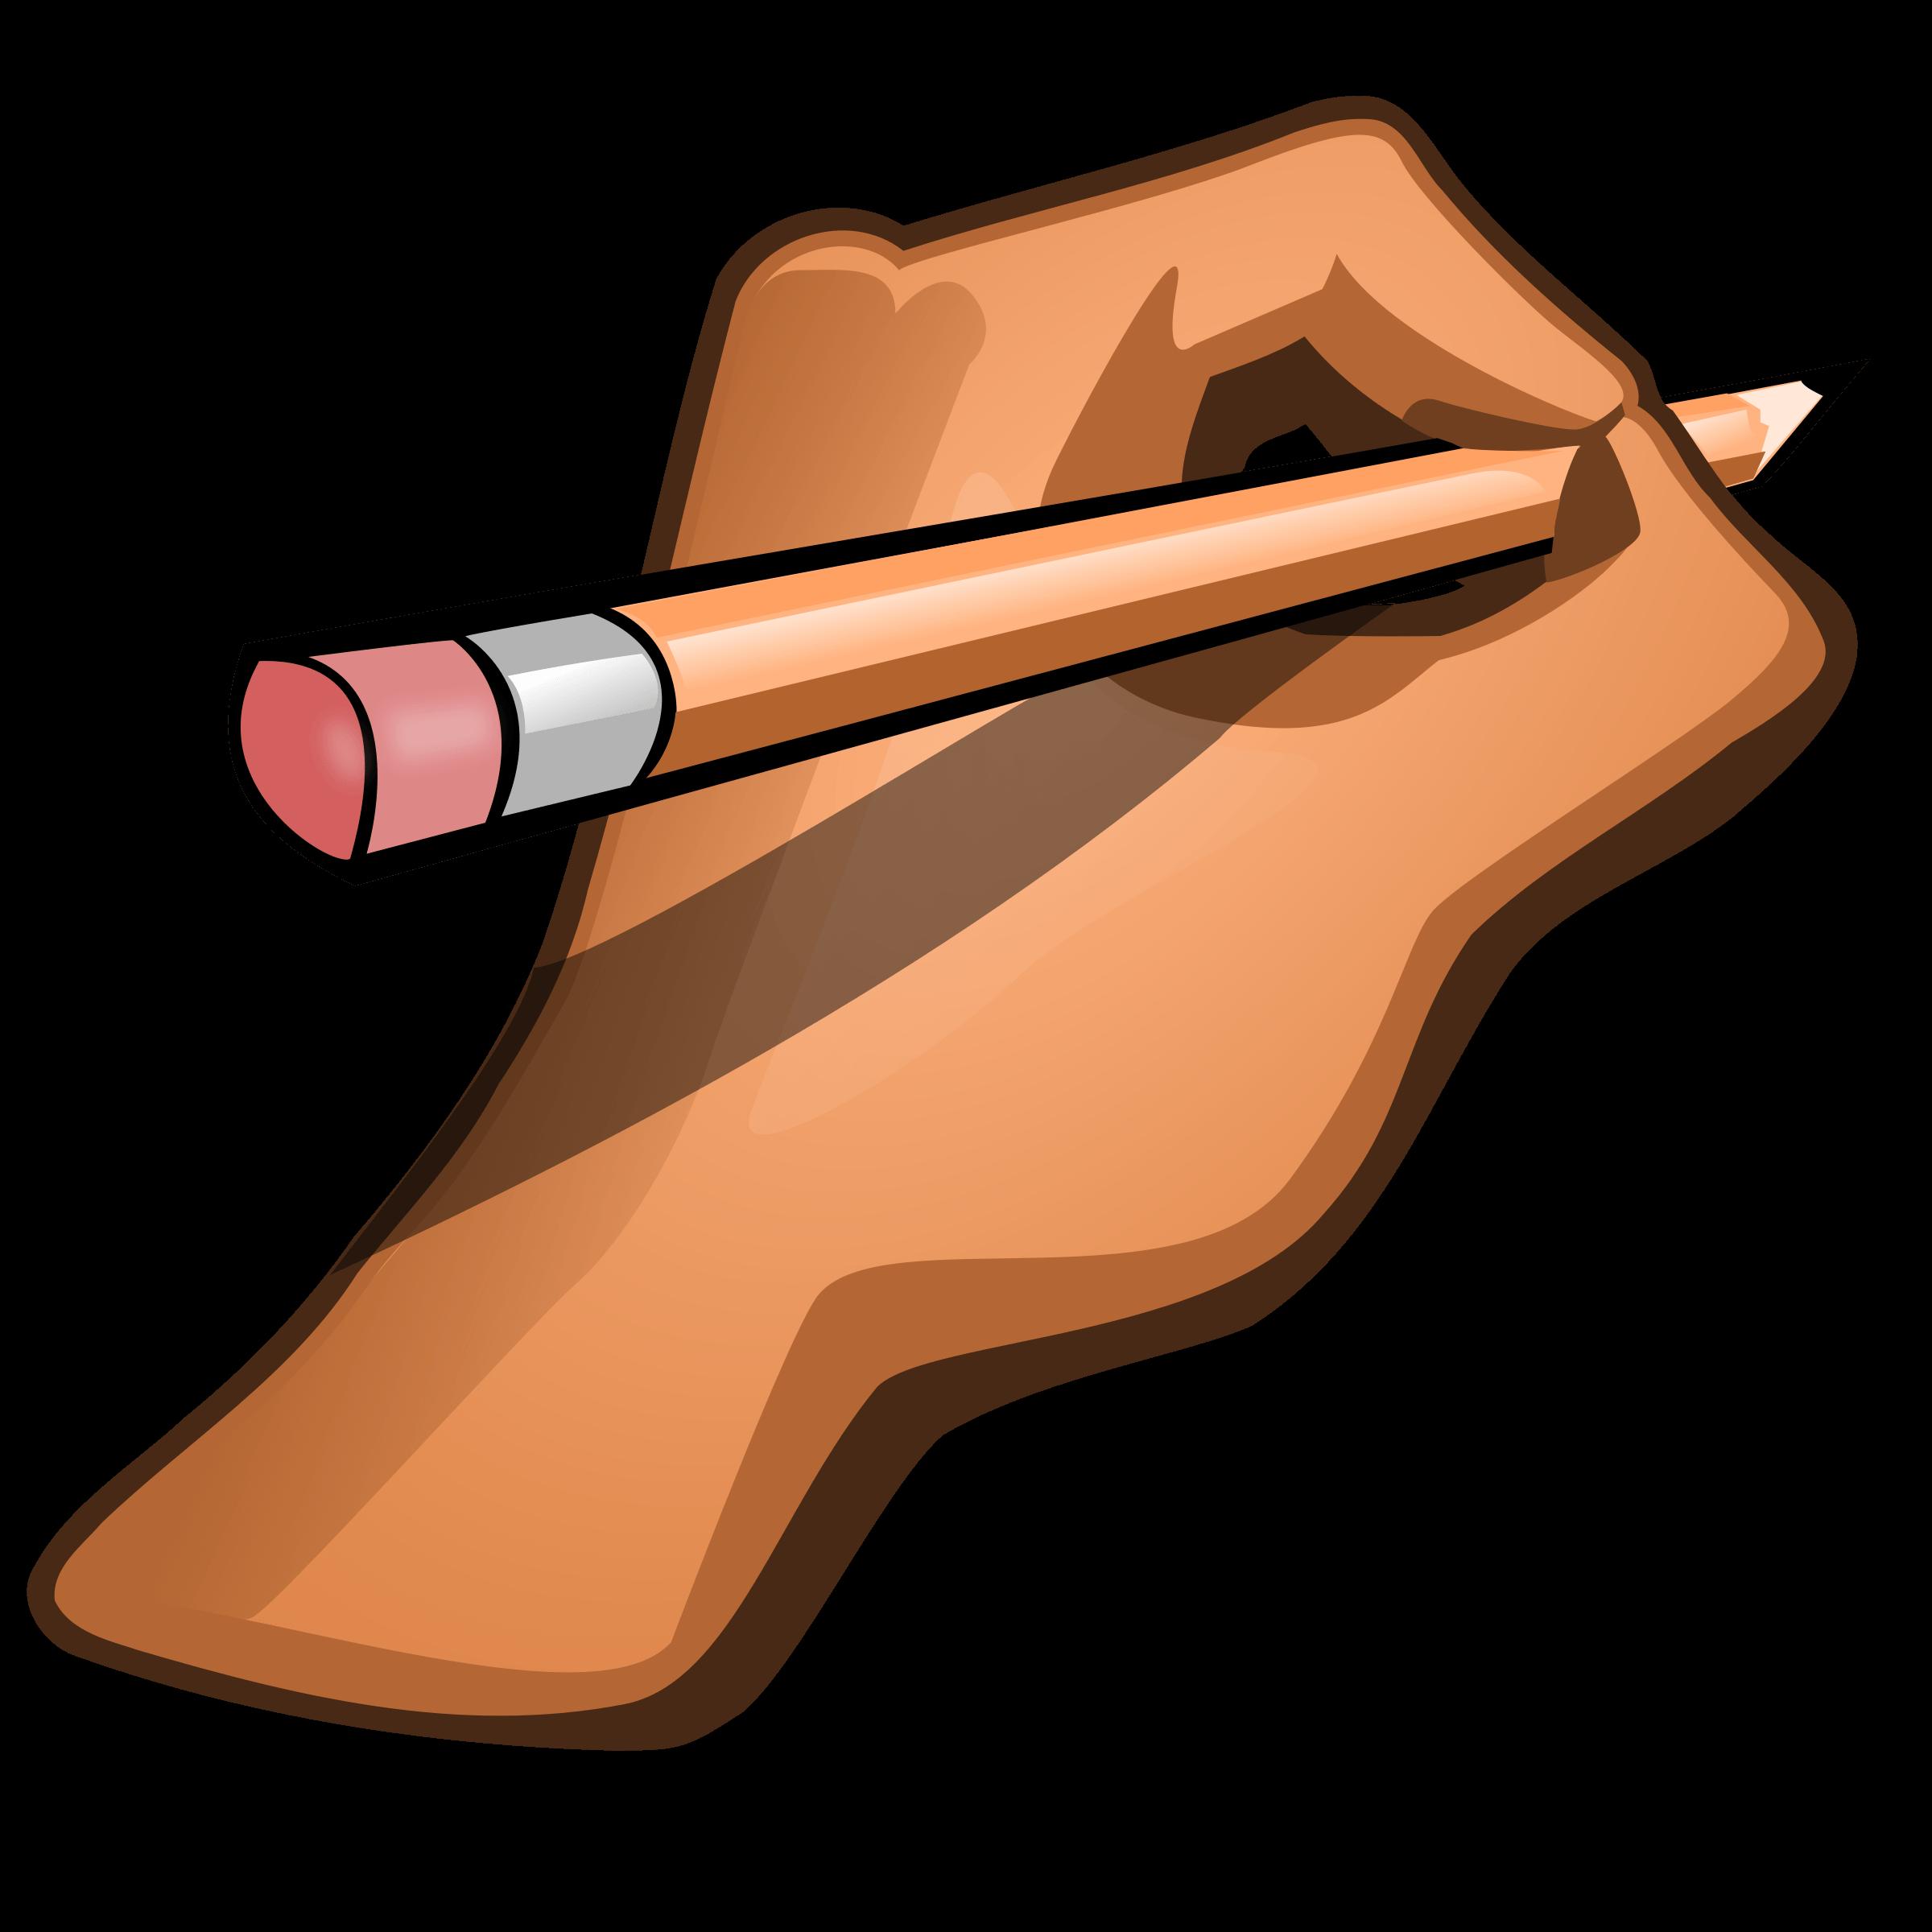 Pencil cliparts many interesting. Pencils clipart hand